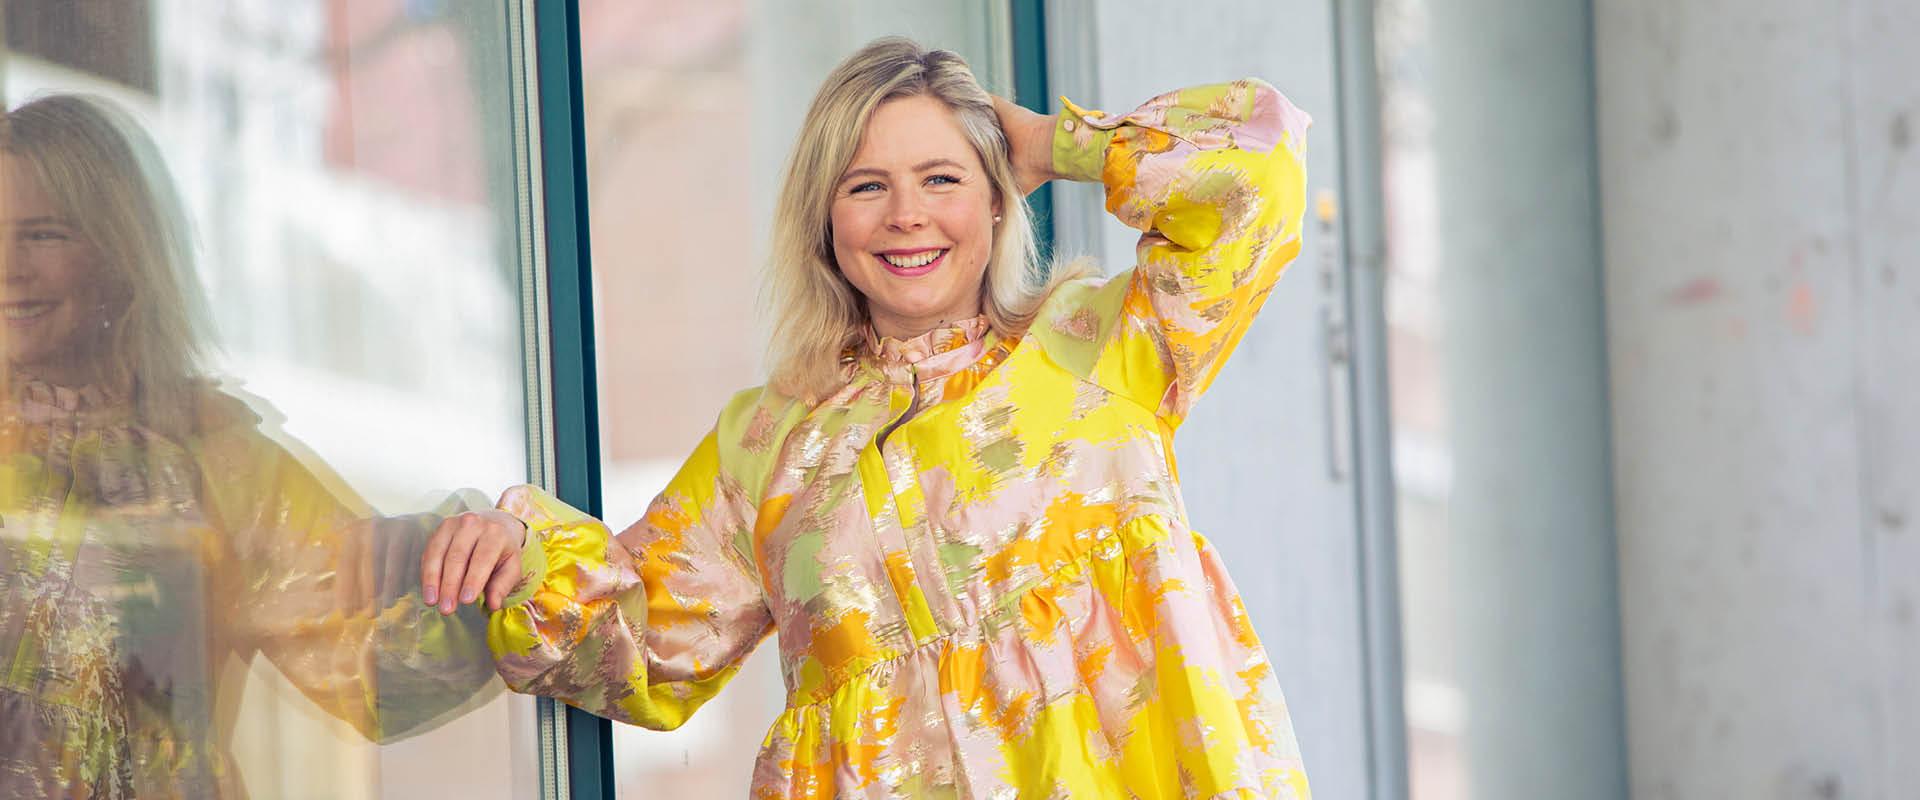 Maren Lundby med Stine Goya kjole fra MAPT